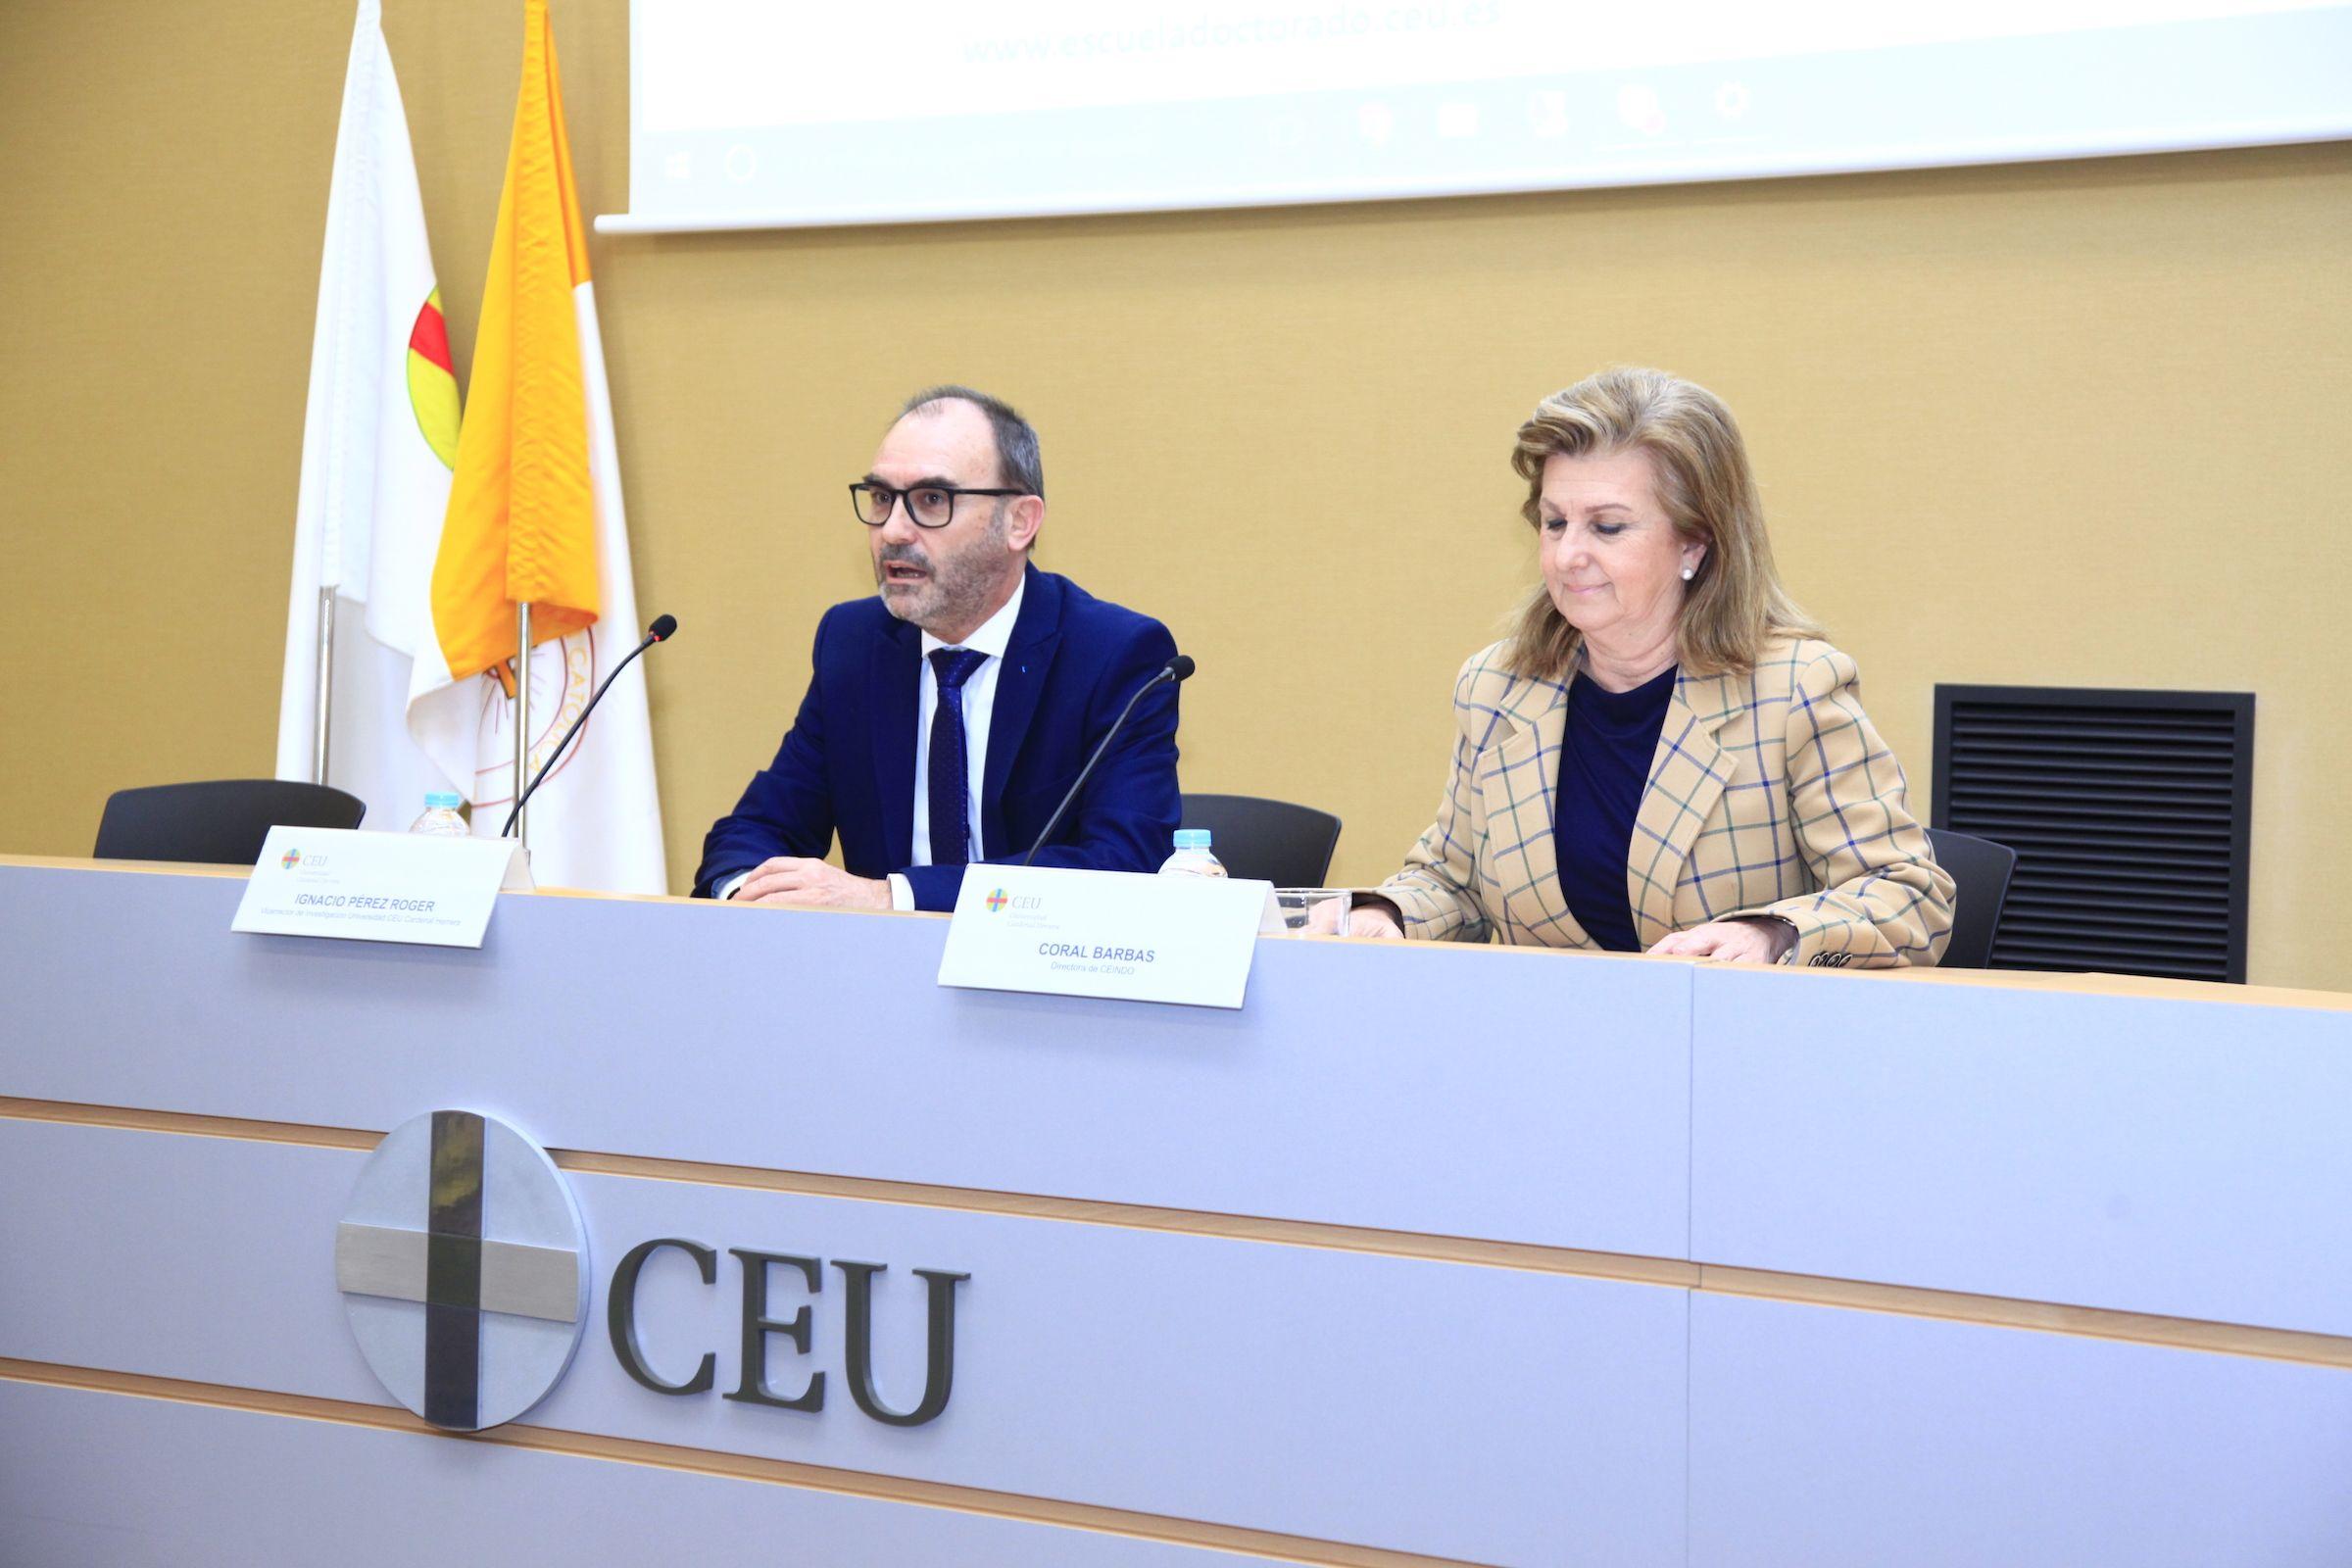 Ignacio Pérez, vicerrector de Investigación de la CEU UCH, y Coral Barbas, directora de CEINDO, en la Jornada de bienvenida a los nuevos doctorandos en Valencia.